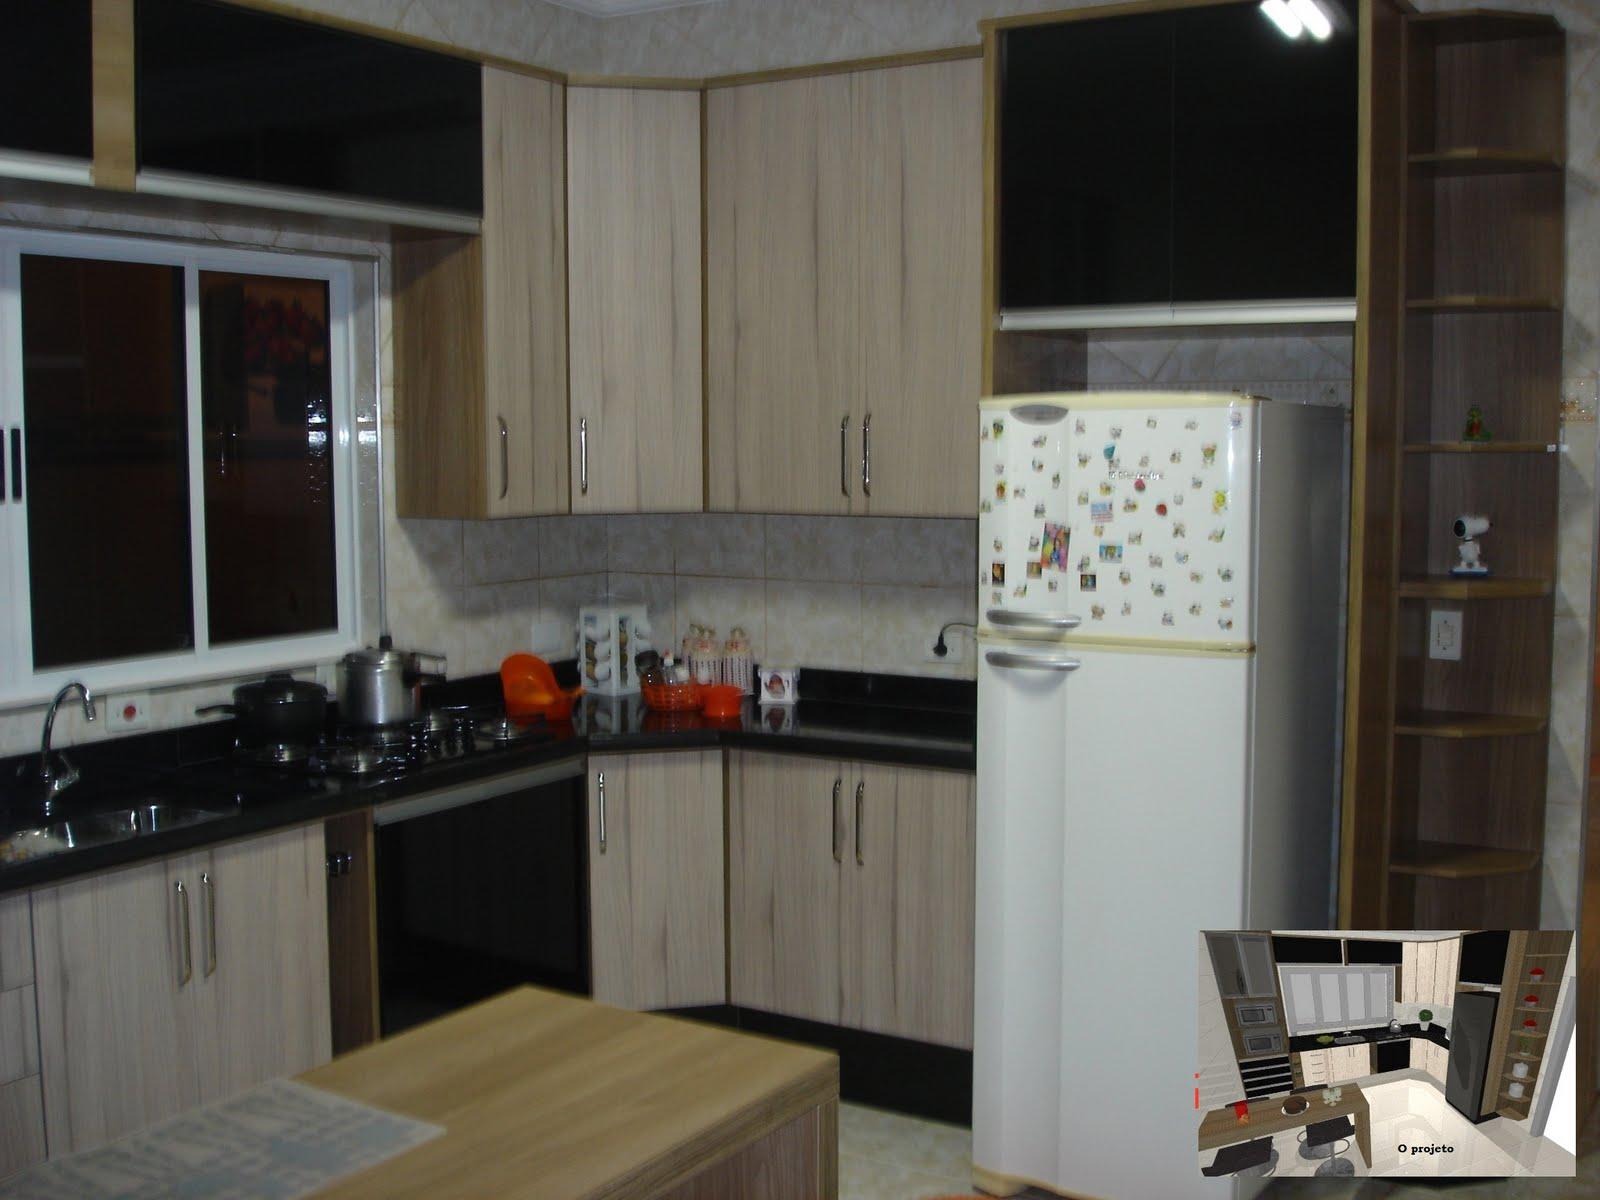 Cozinha na cor Griggio com detalhes em preto. Linha Reallizze  #5D4834 1600 1200